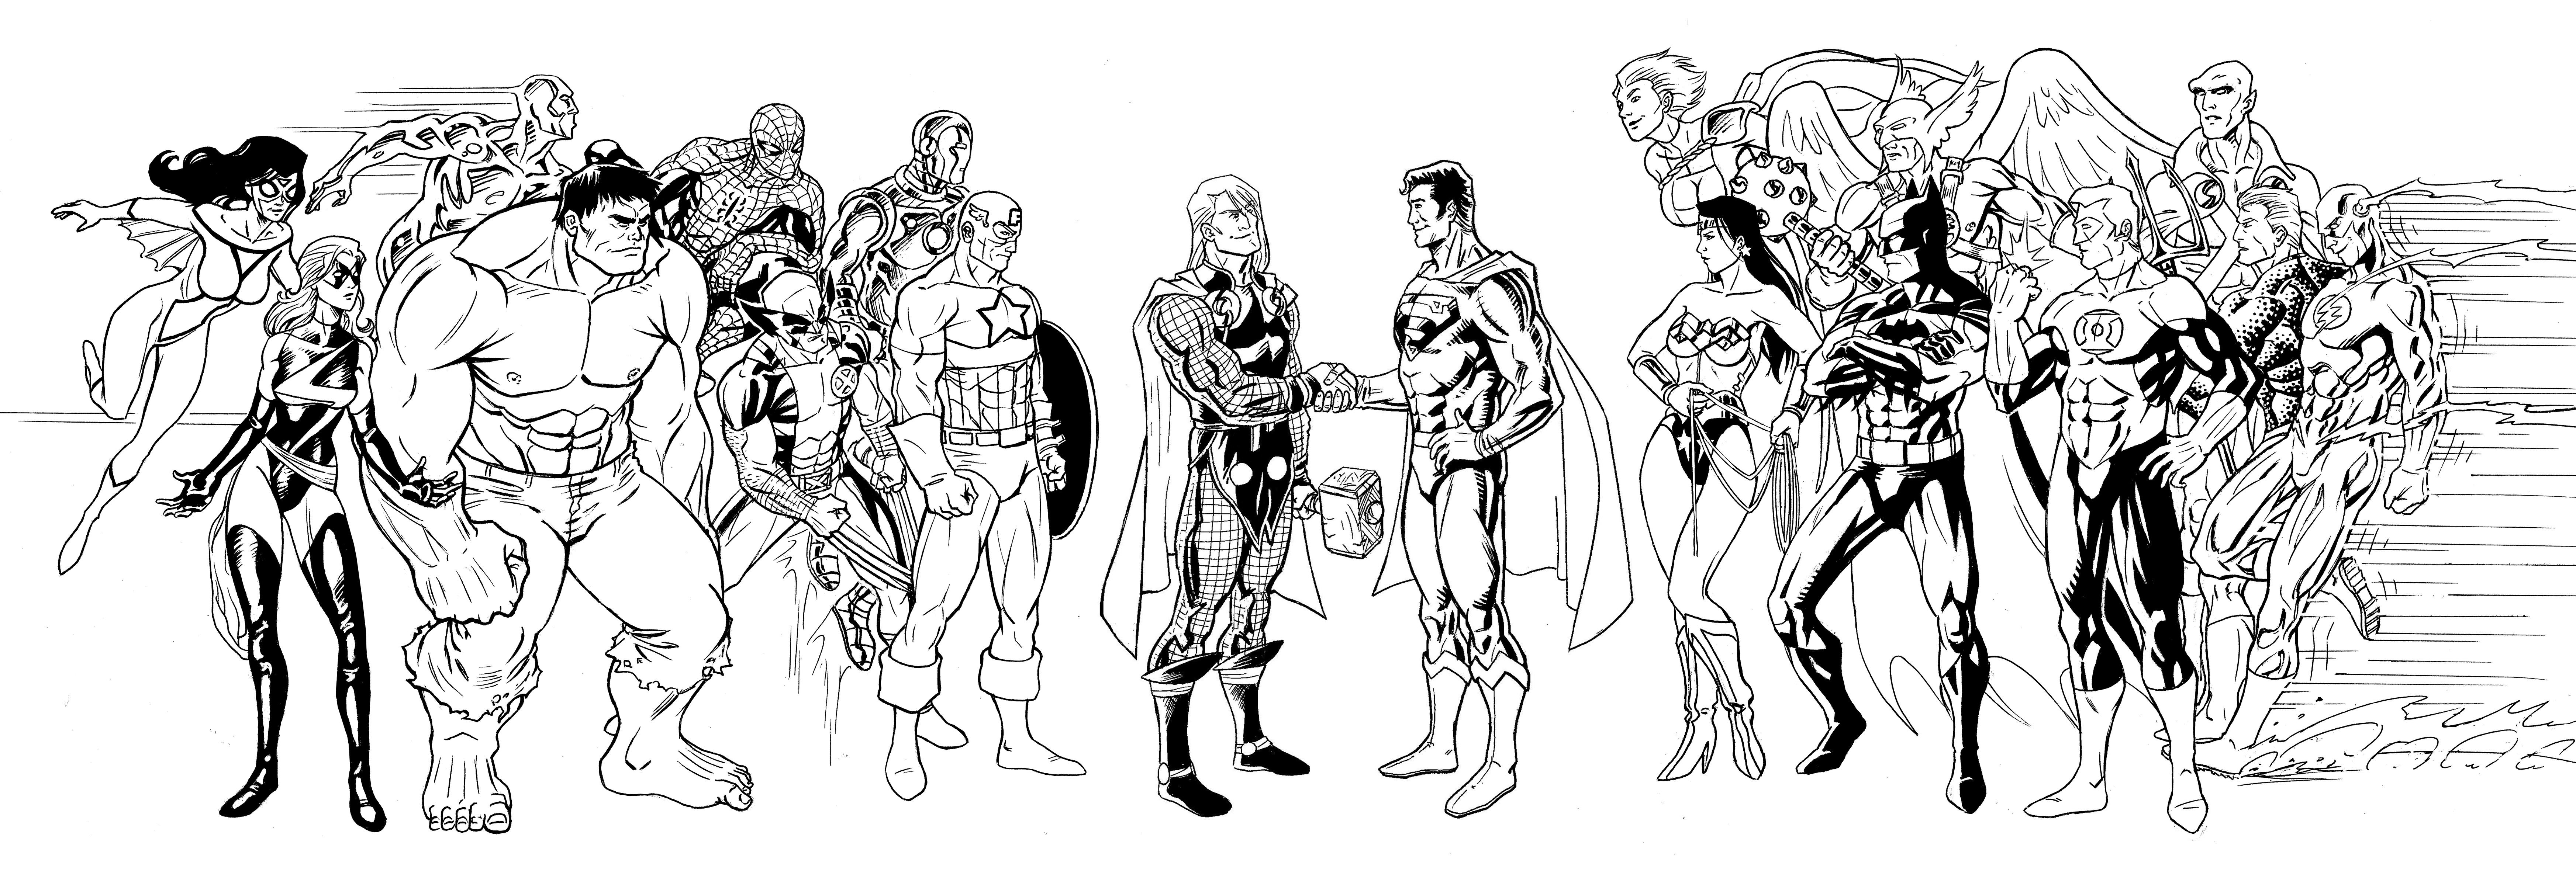 Avengers By E-v4ne On DeviantArt